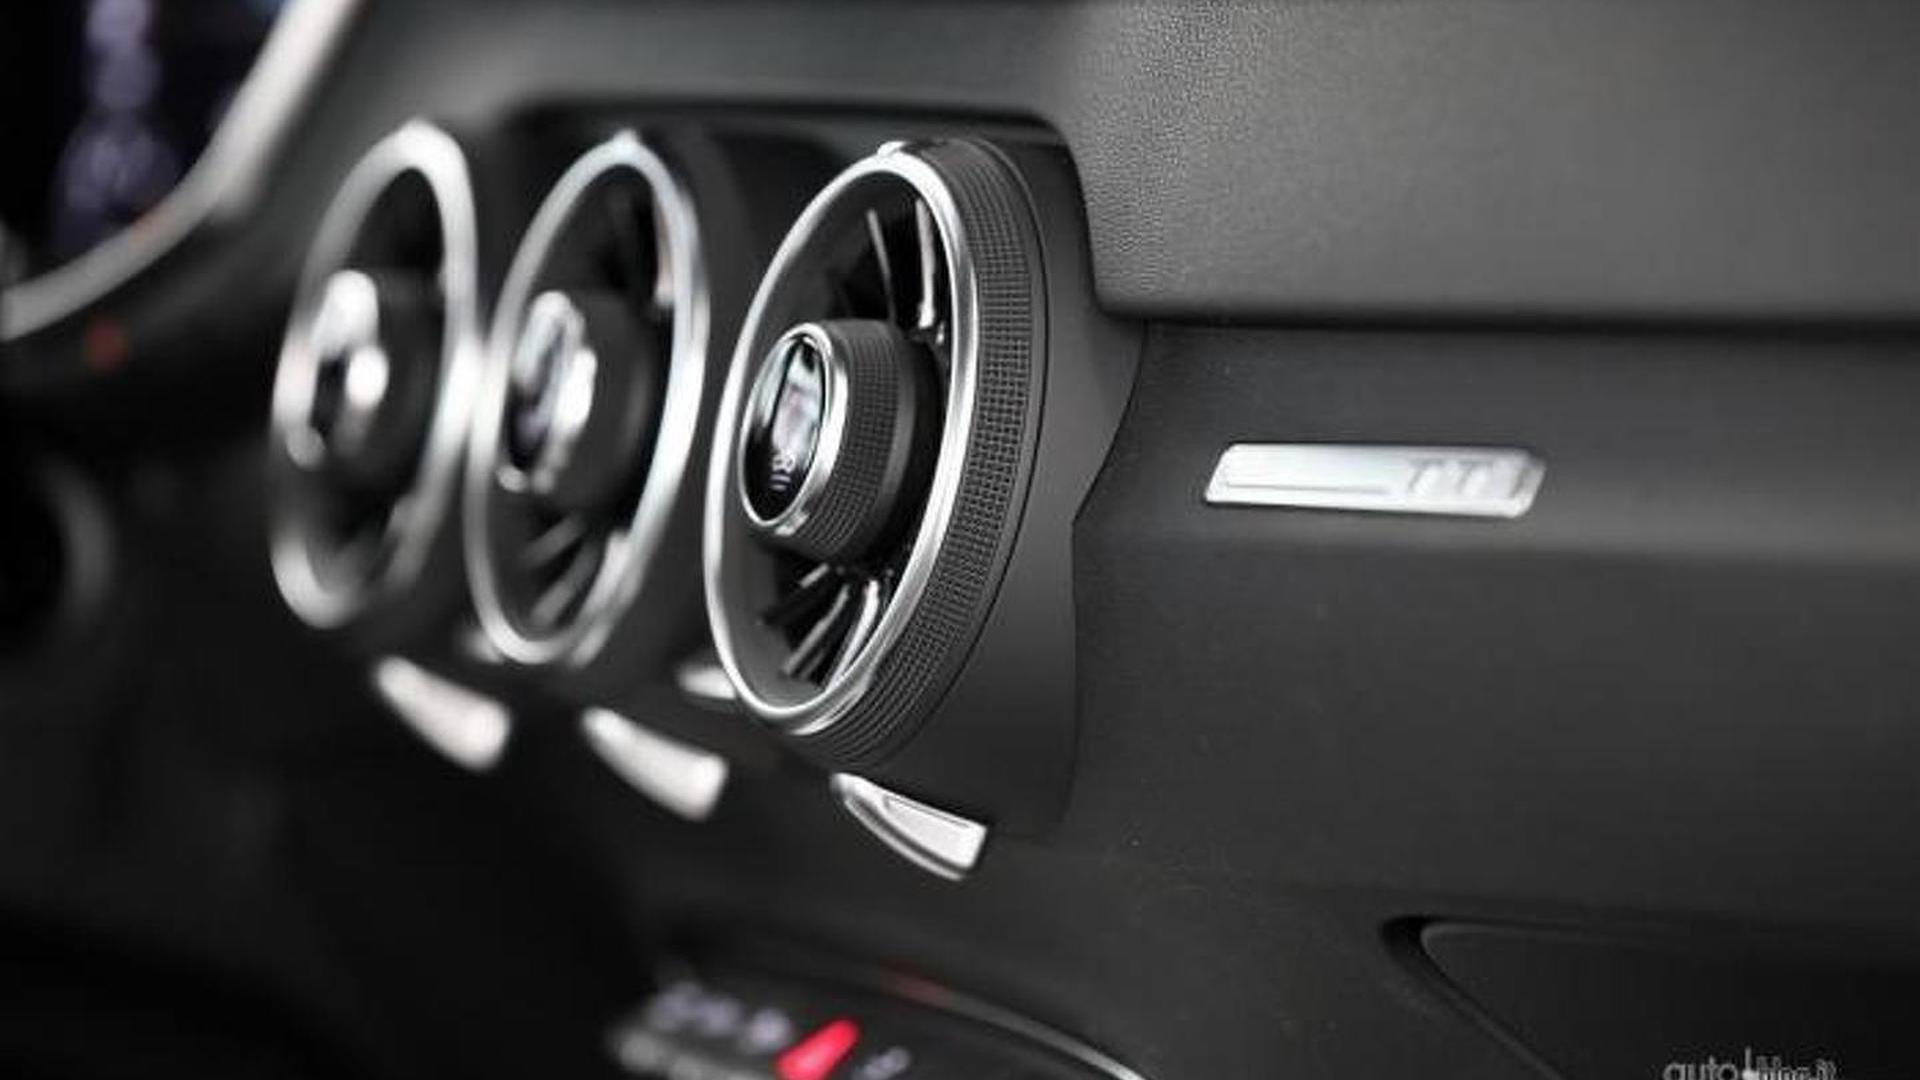 Сопла климатической системы в салоне Audi TT Nuvolari